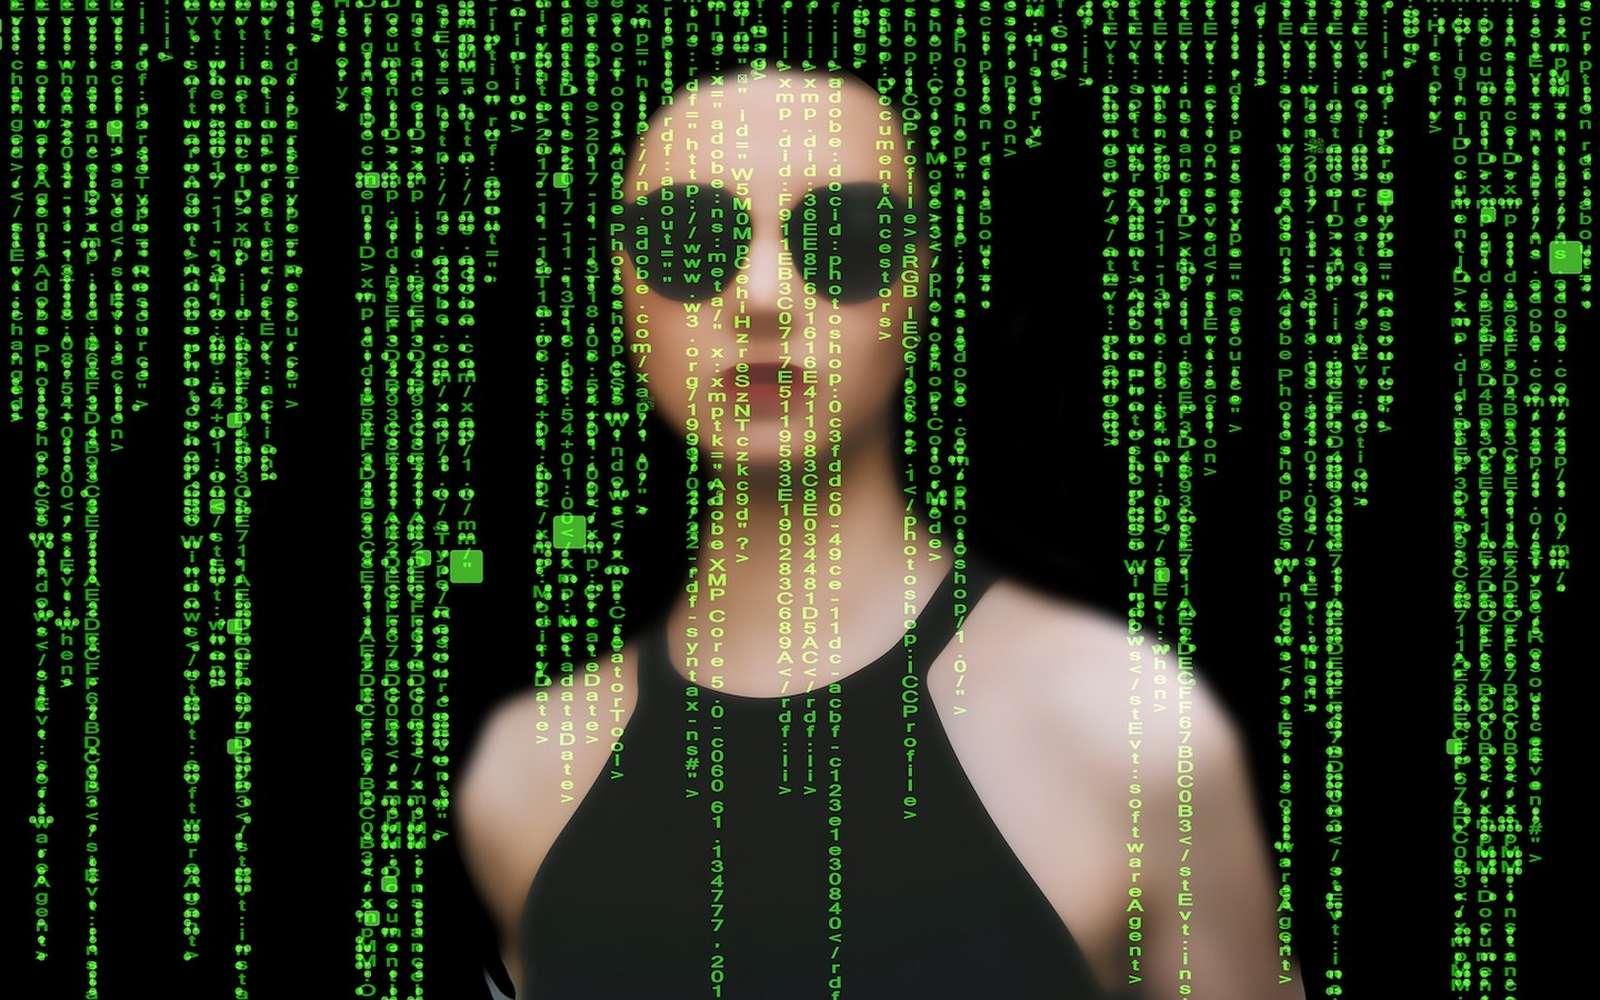 Les hackers sont désormais capables de s'attaquer au cœur des systèmes de sécurité d'usines industrielles pour provoquer des surchauffes et des émanations de gaz toxiques. © Geralt, Pixabay